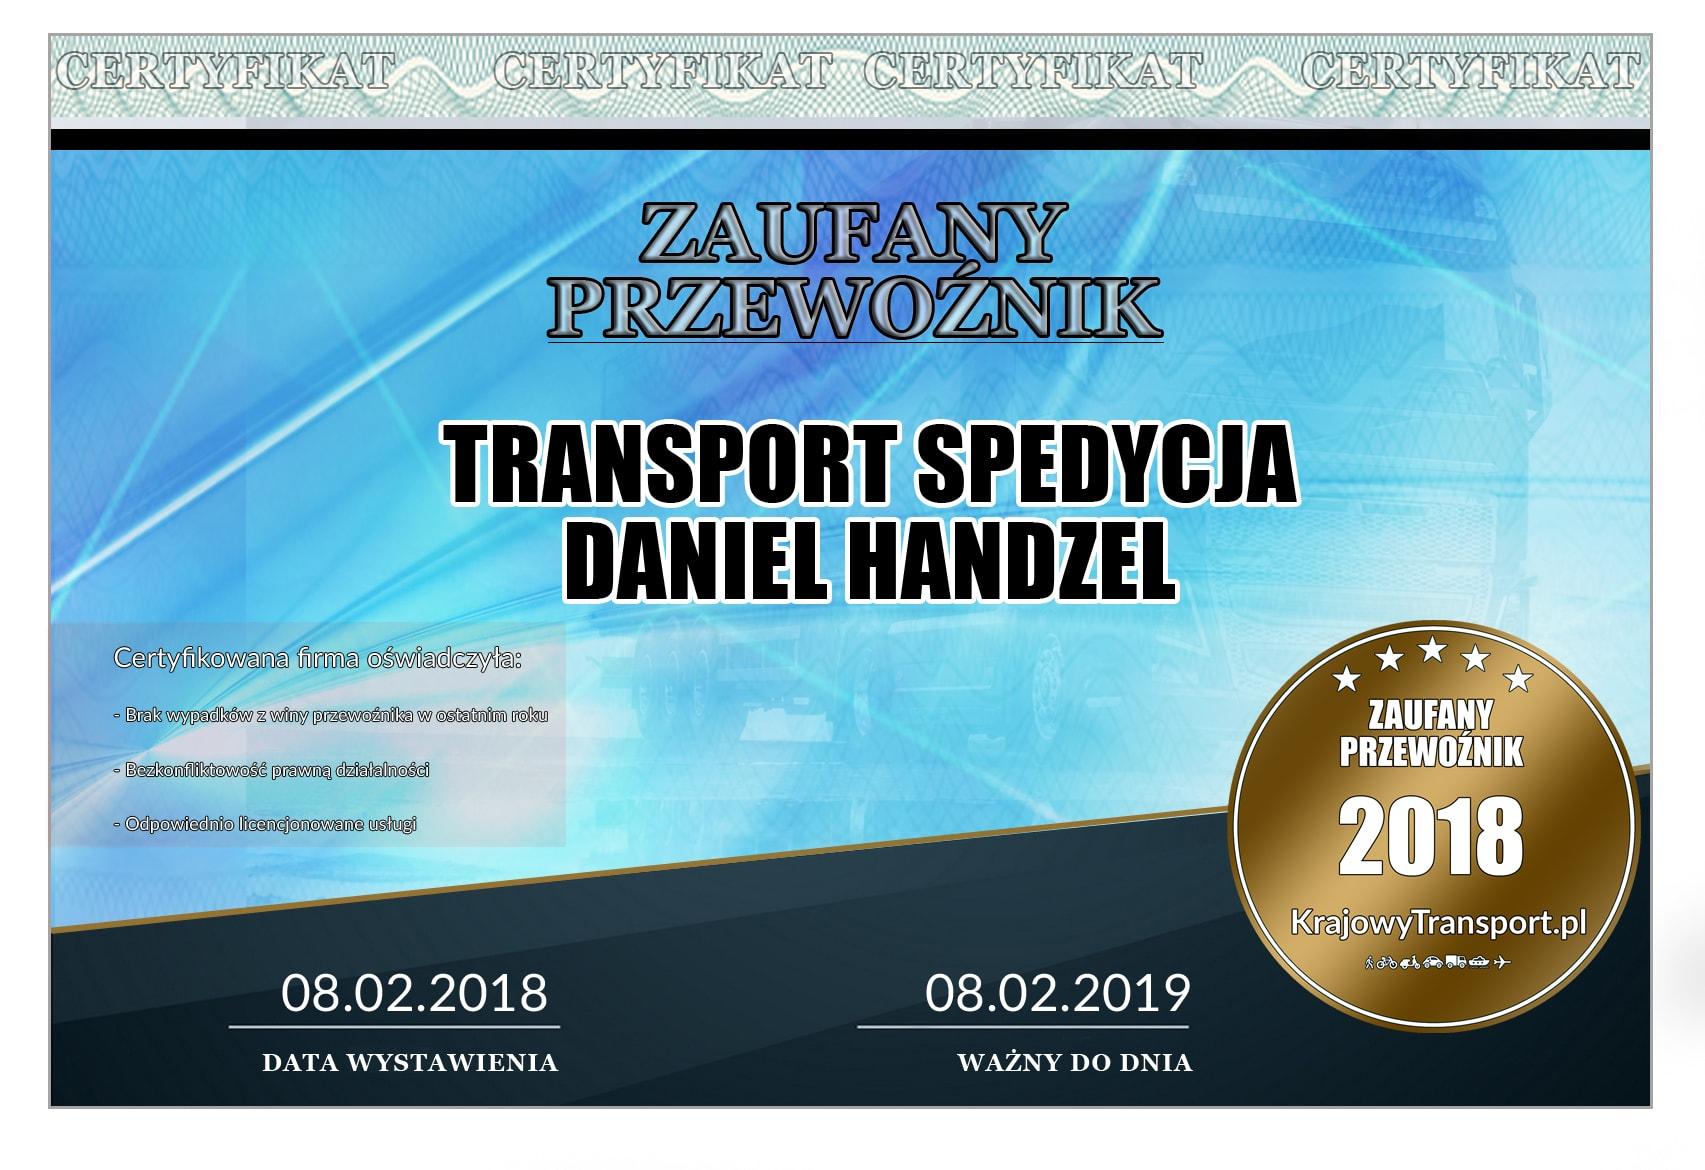 https://spedycja-handzel.pl/images/certyfikaty/3-min.jpg